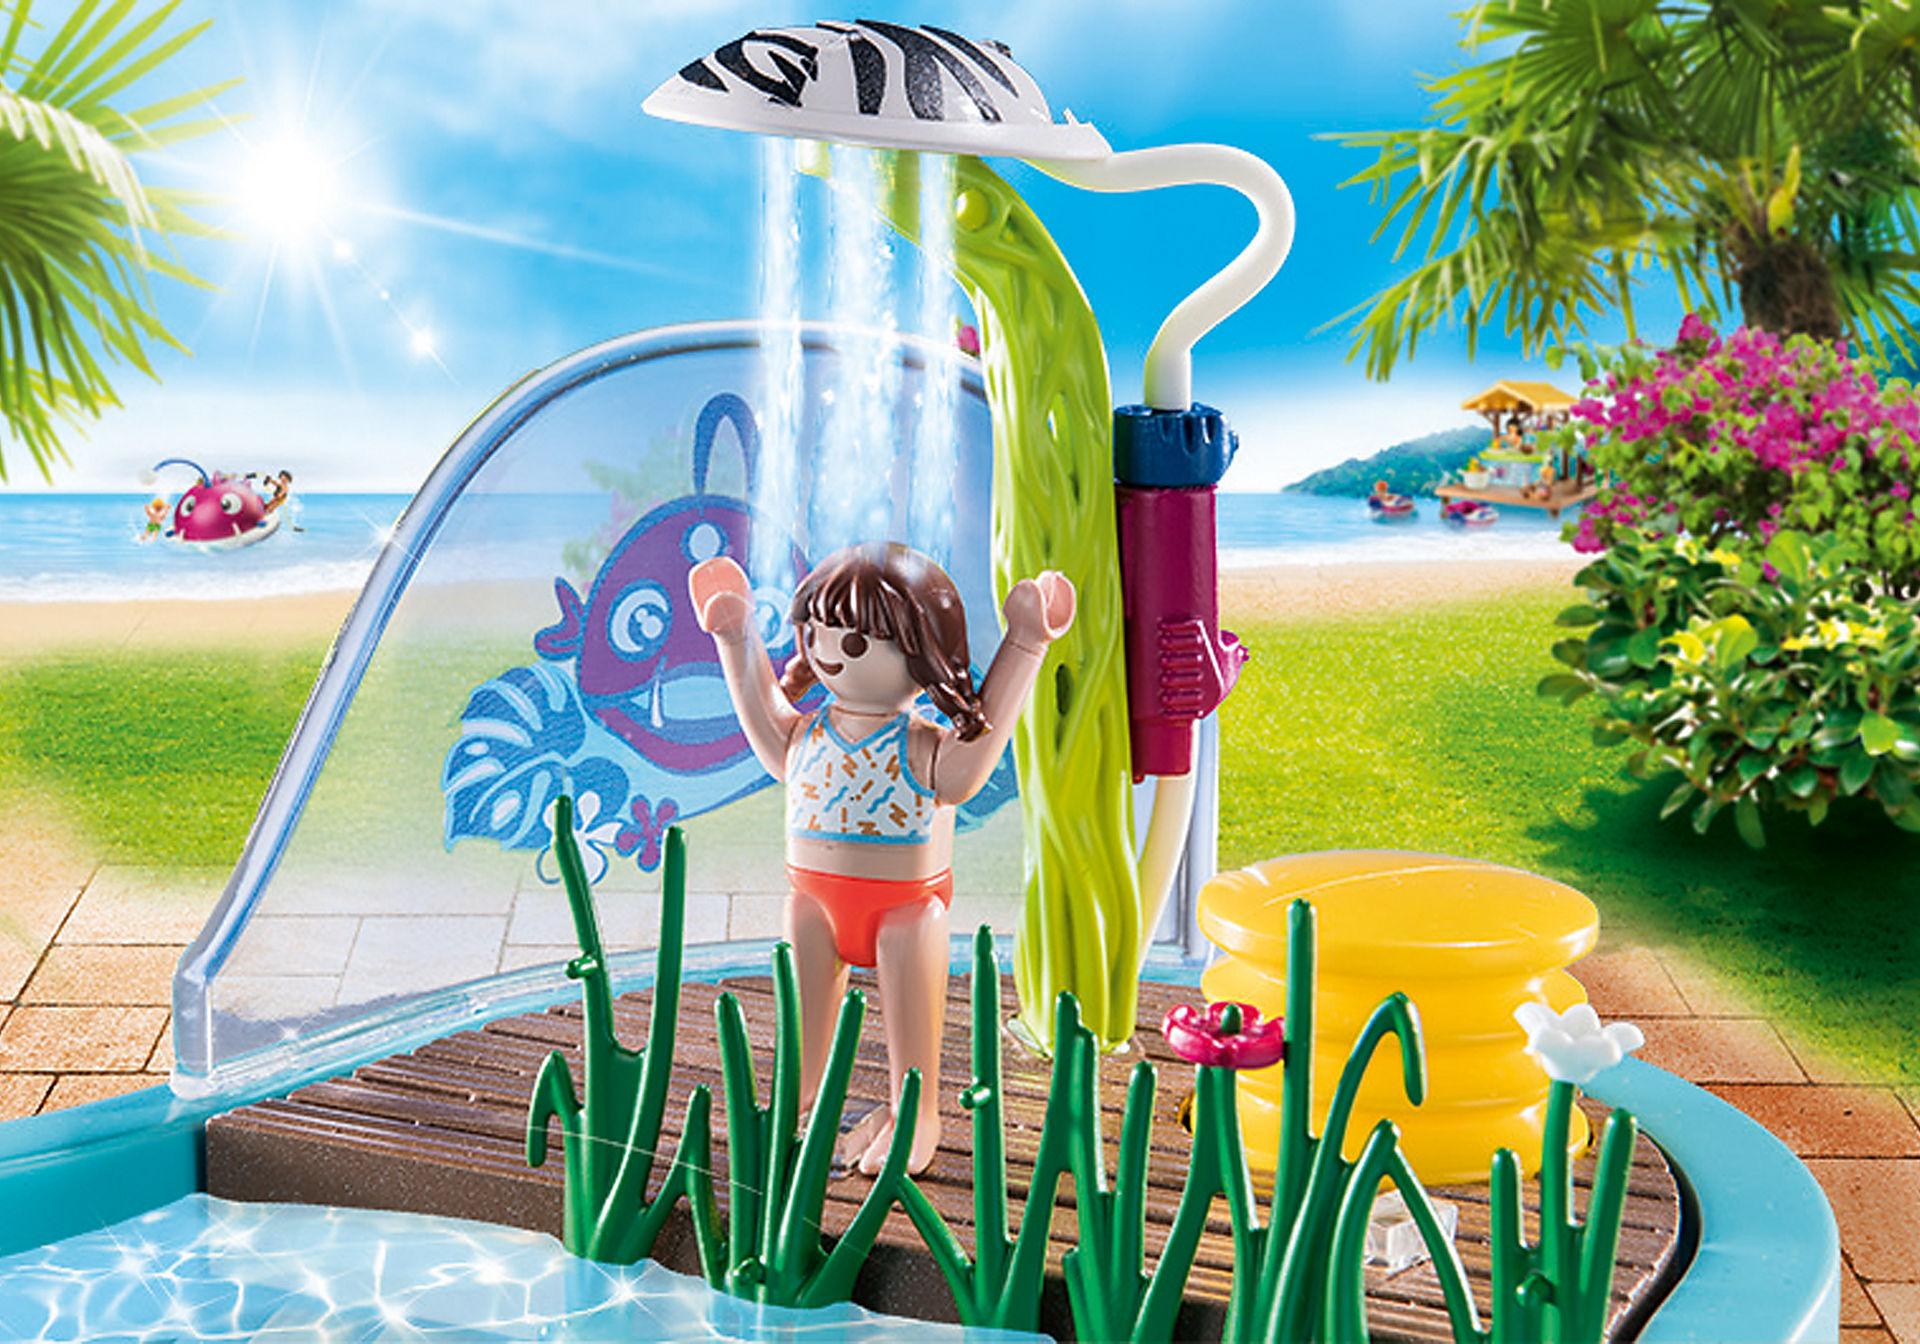 70610 Spaßbecken mit Wasserspritze zoom image6